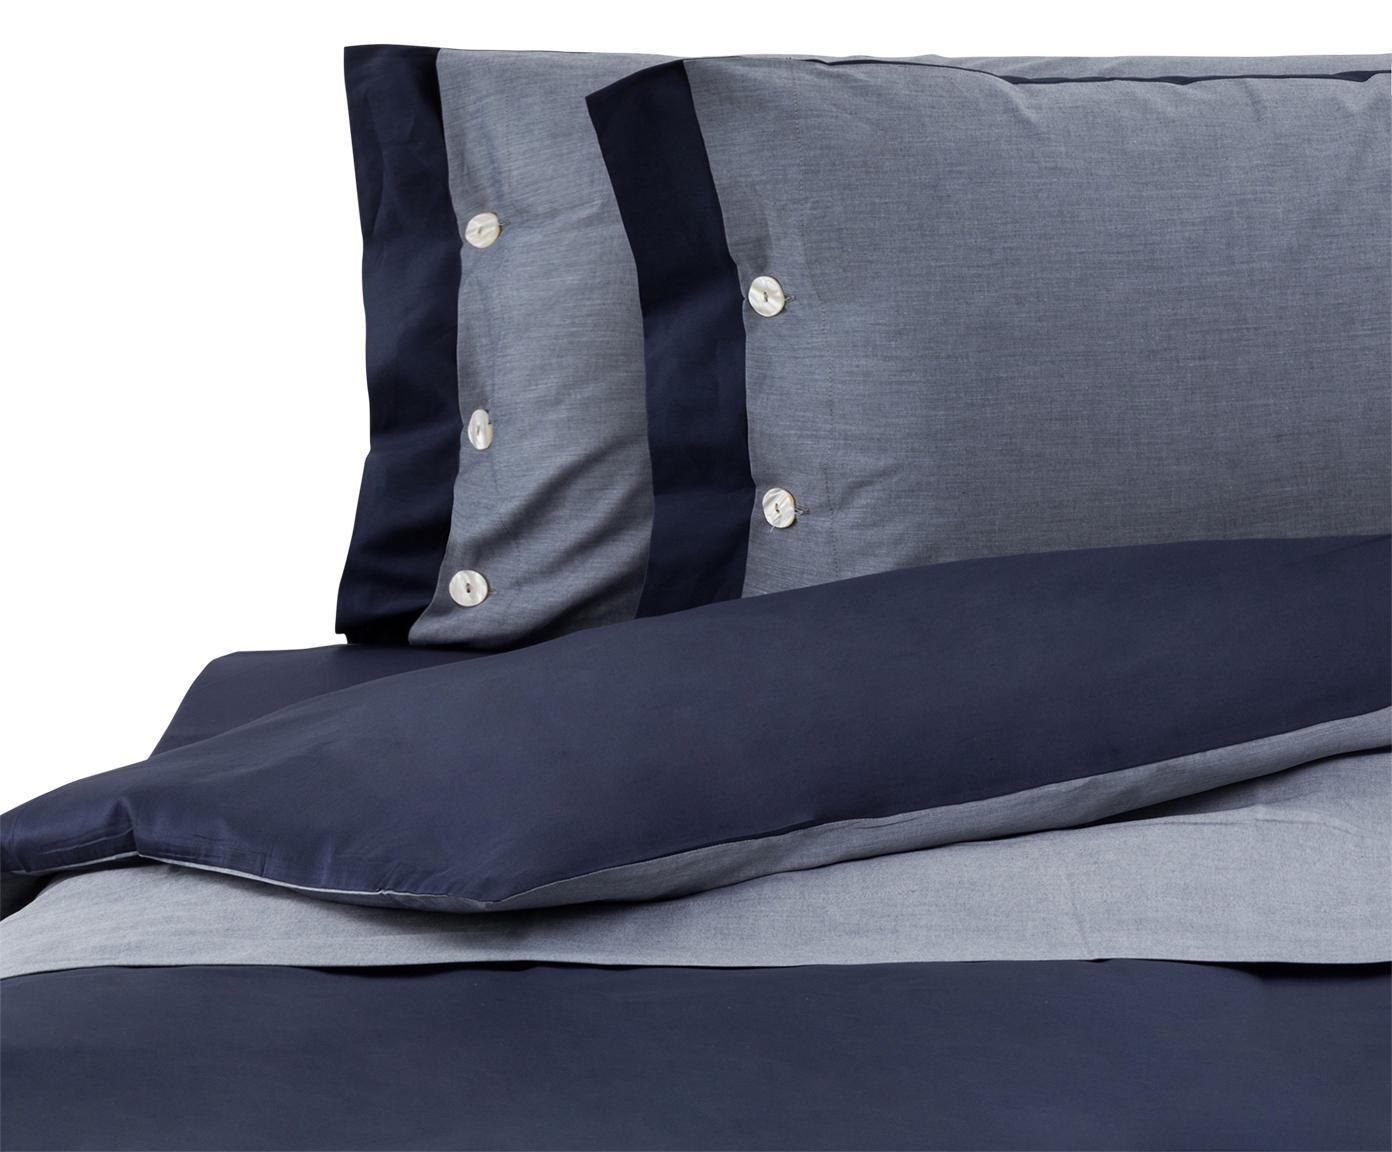 Completo copripiumino in raso di cotone Charme, Raso di cotone, Blu, grigio blu, 200 x 255 cm